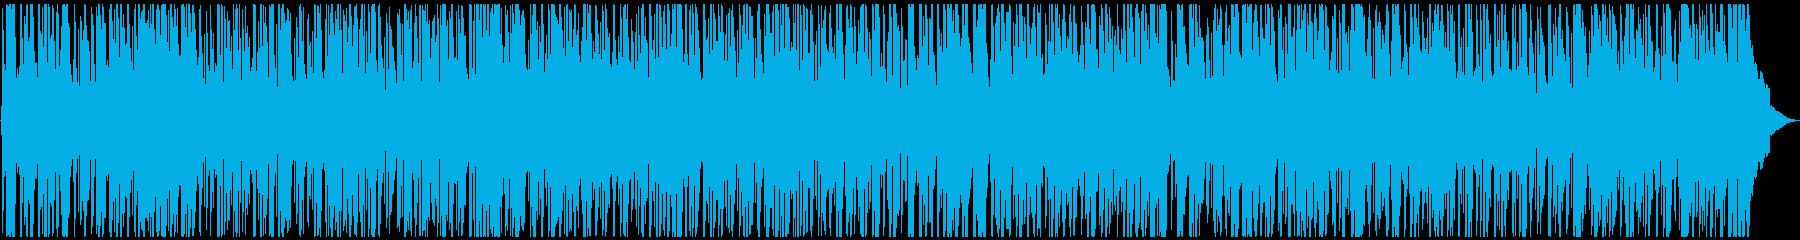 爽やか、軽快なPOP調BGMの再生済みの波形